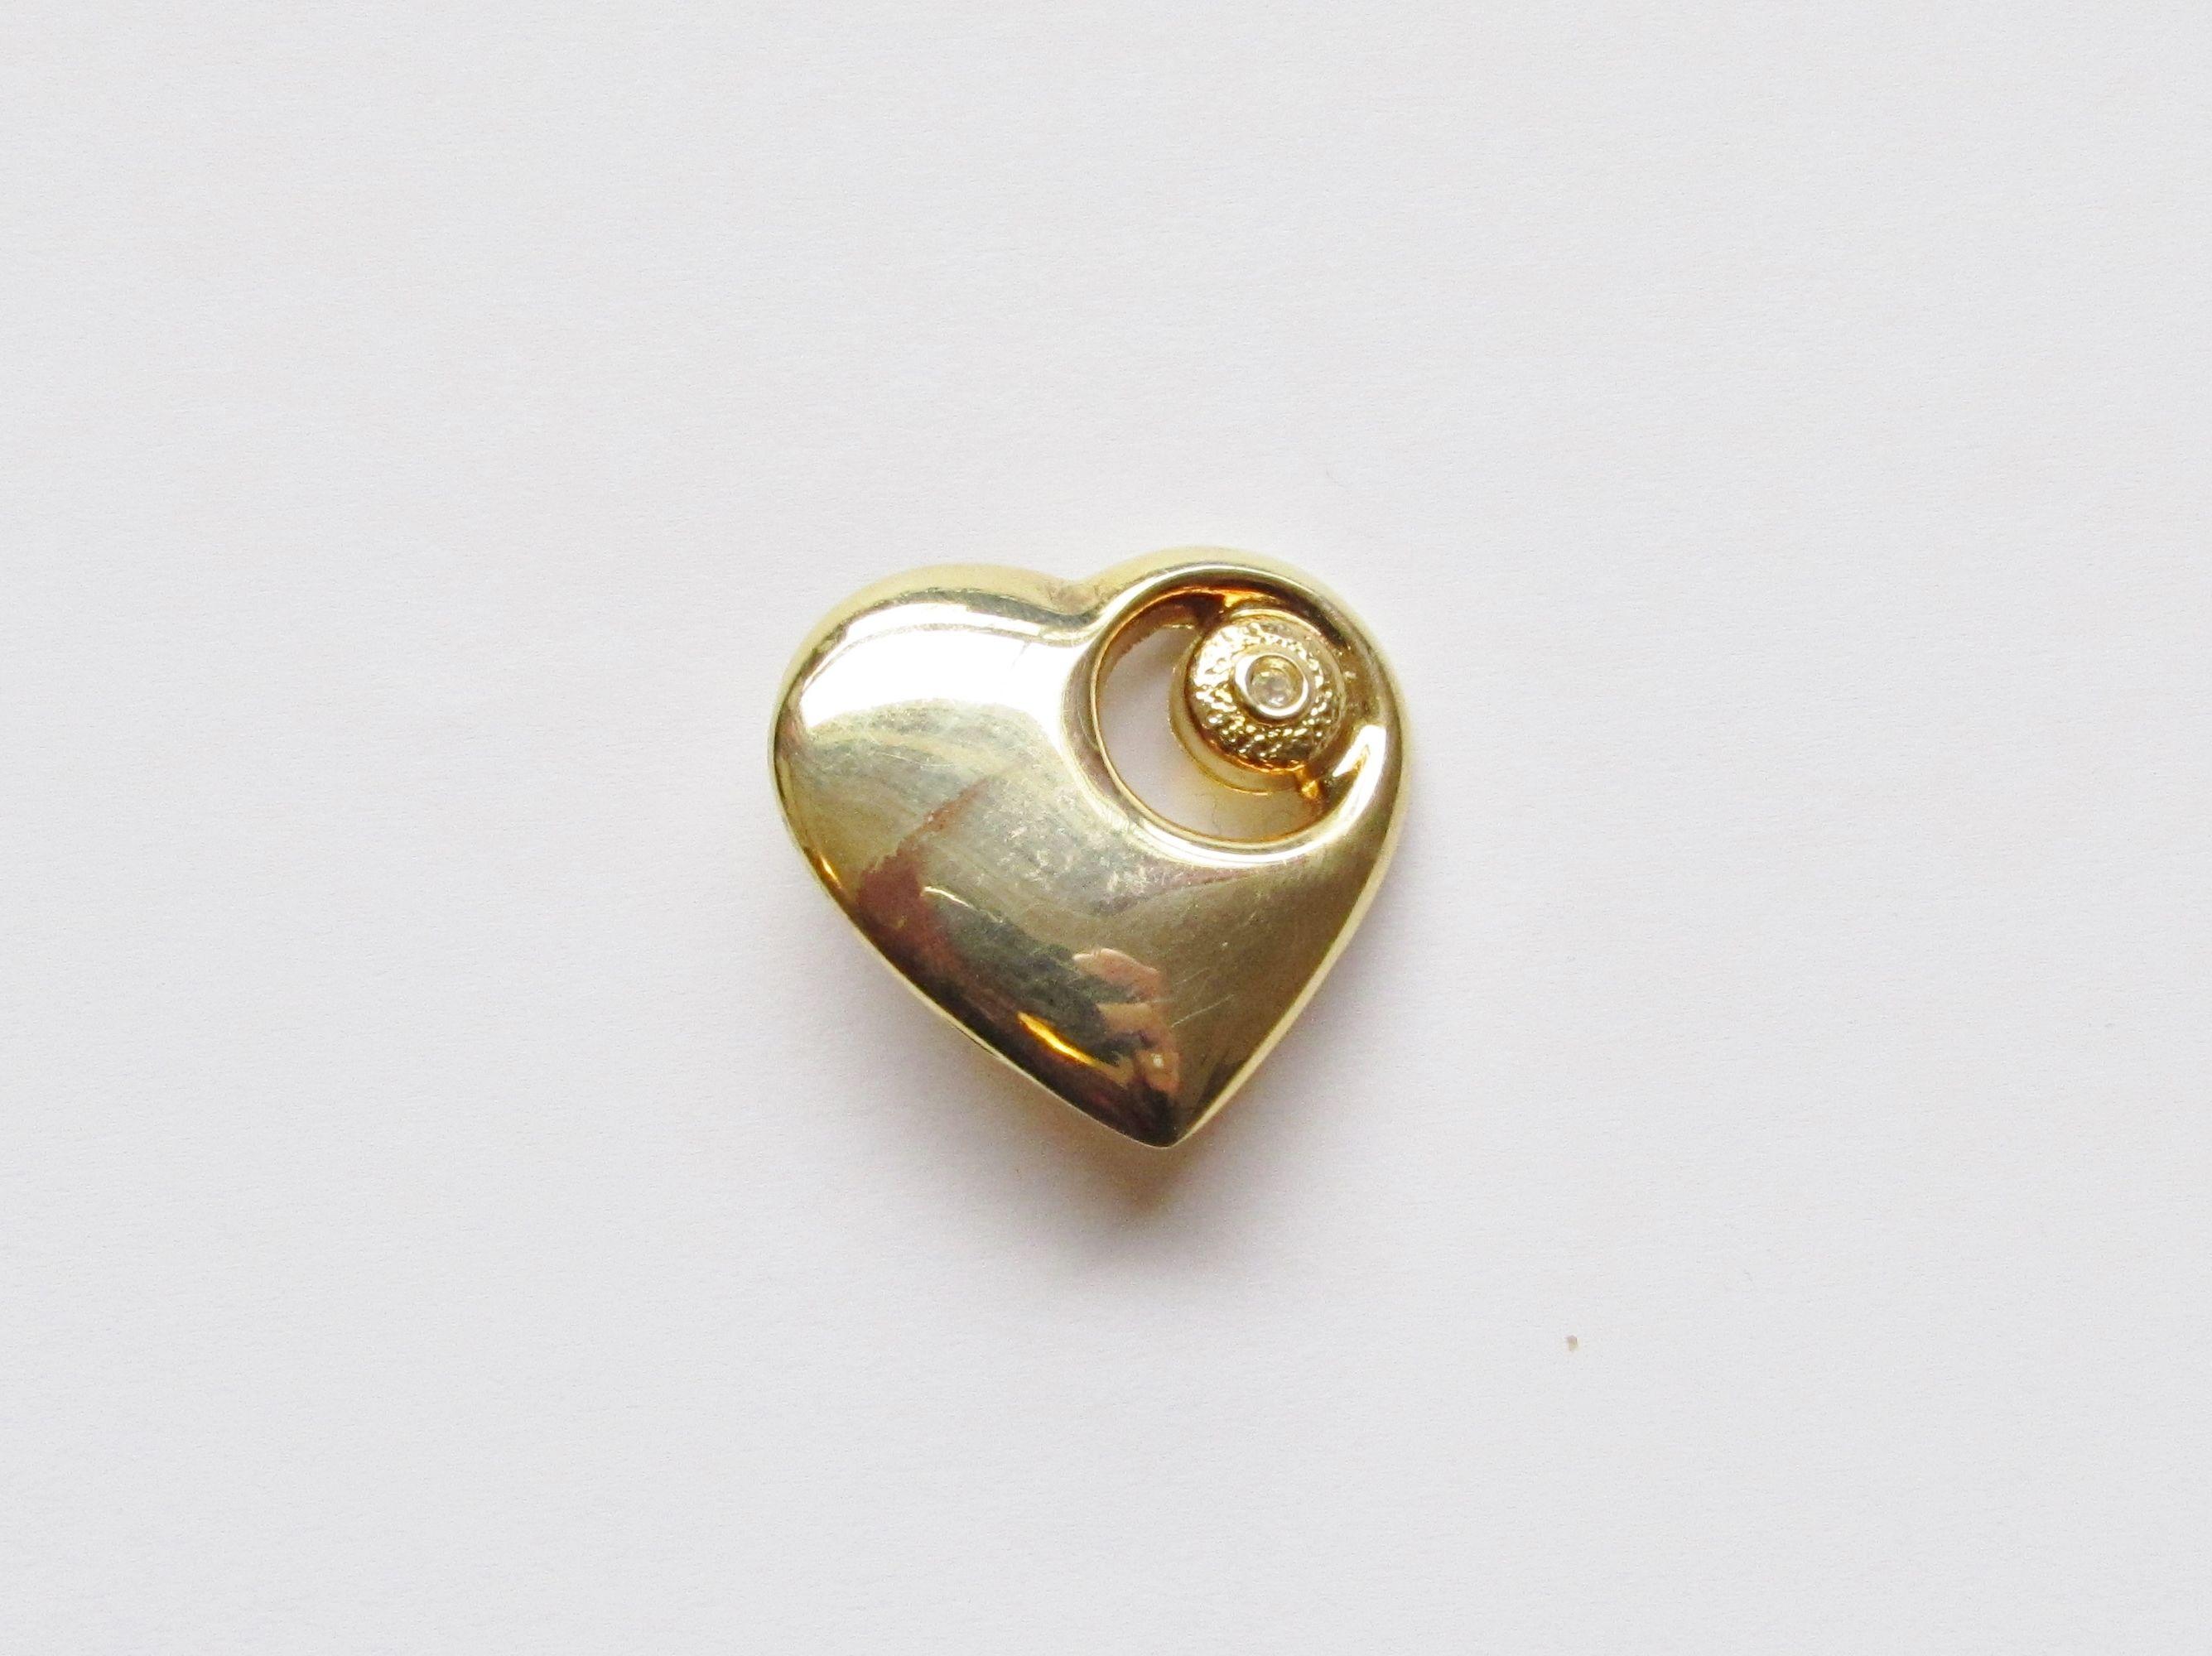 Golden heart broche